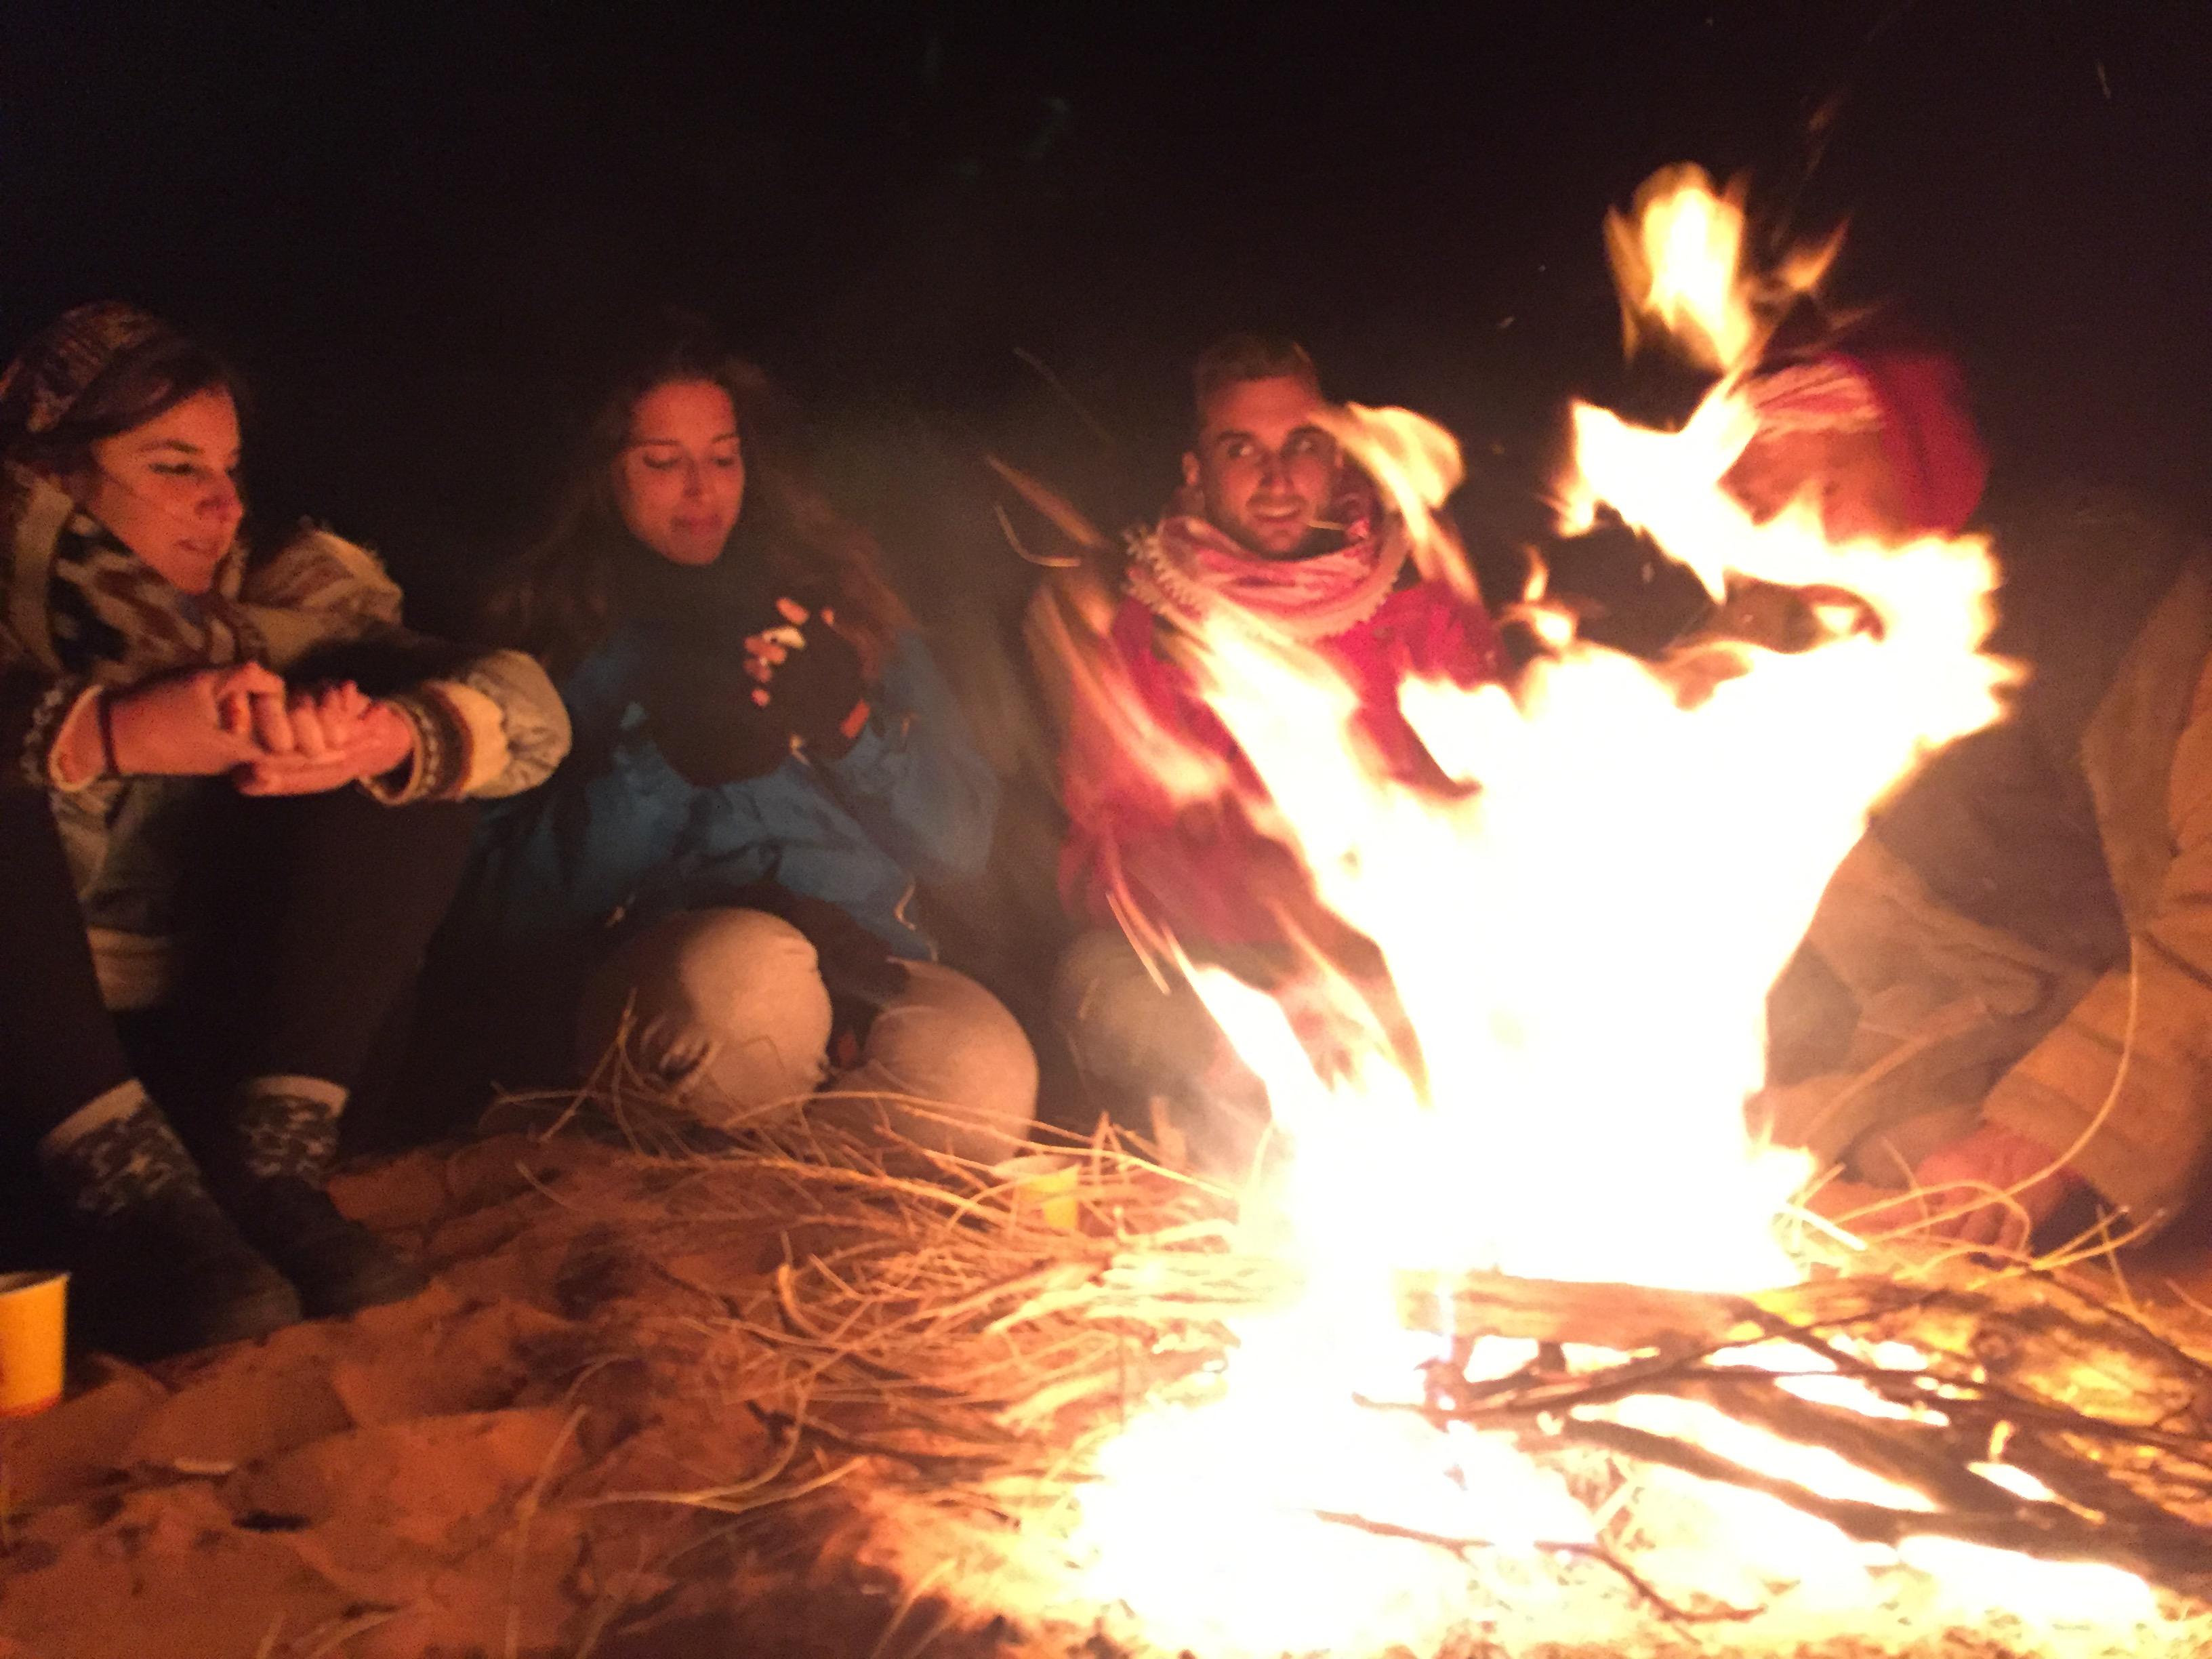 Disfrutando de la velada alrededor del fuego en Wadi Rum (Jordania)